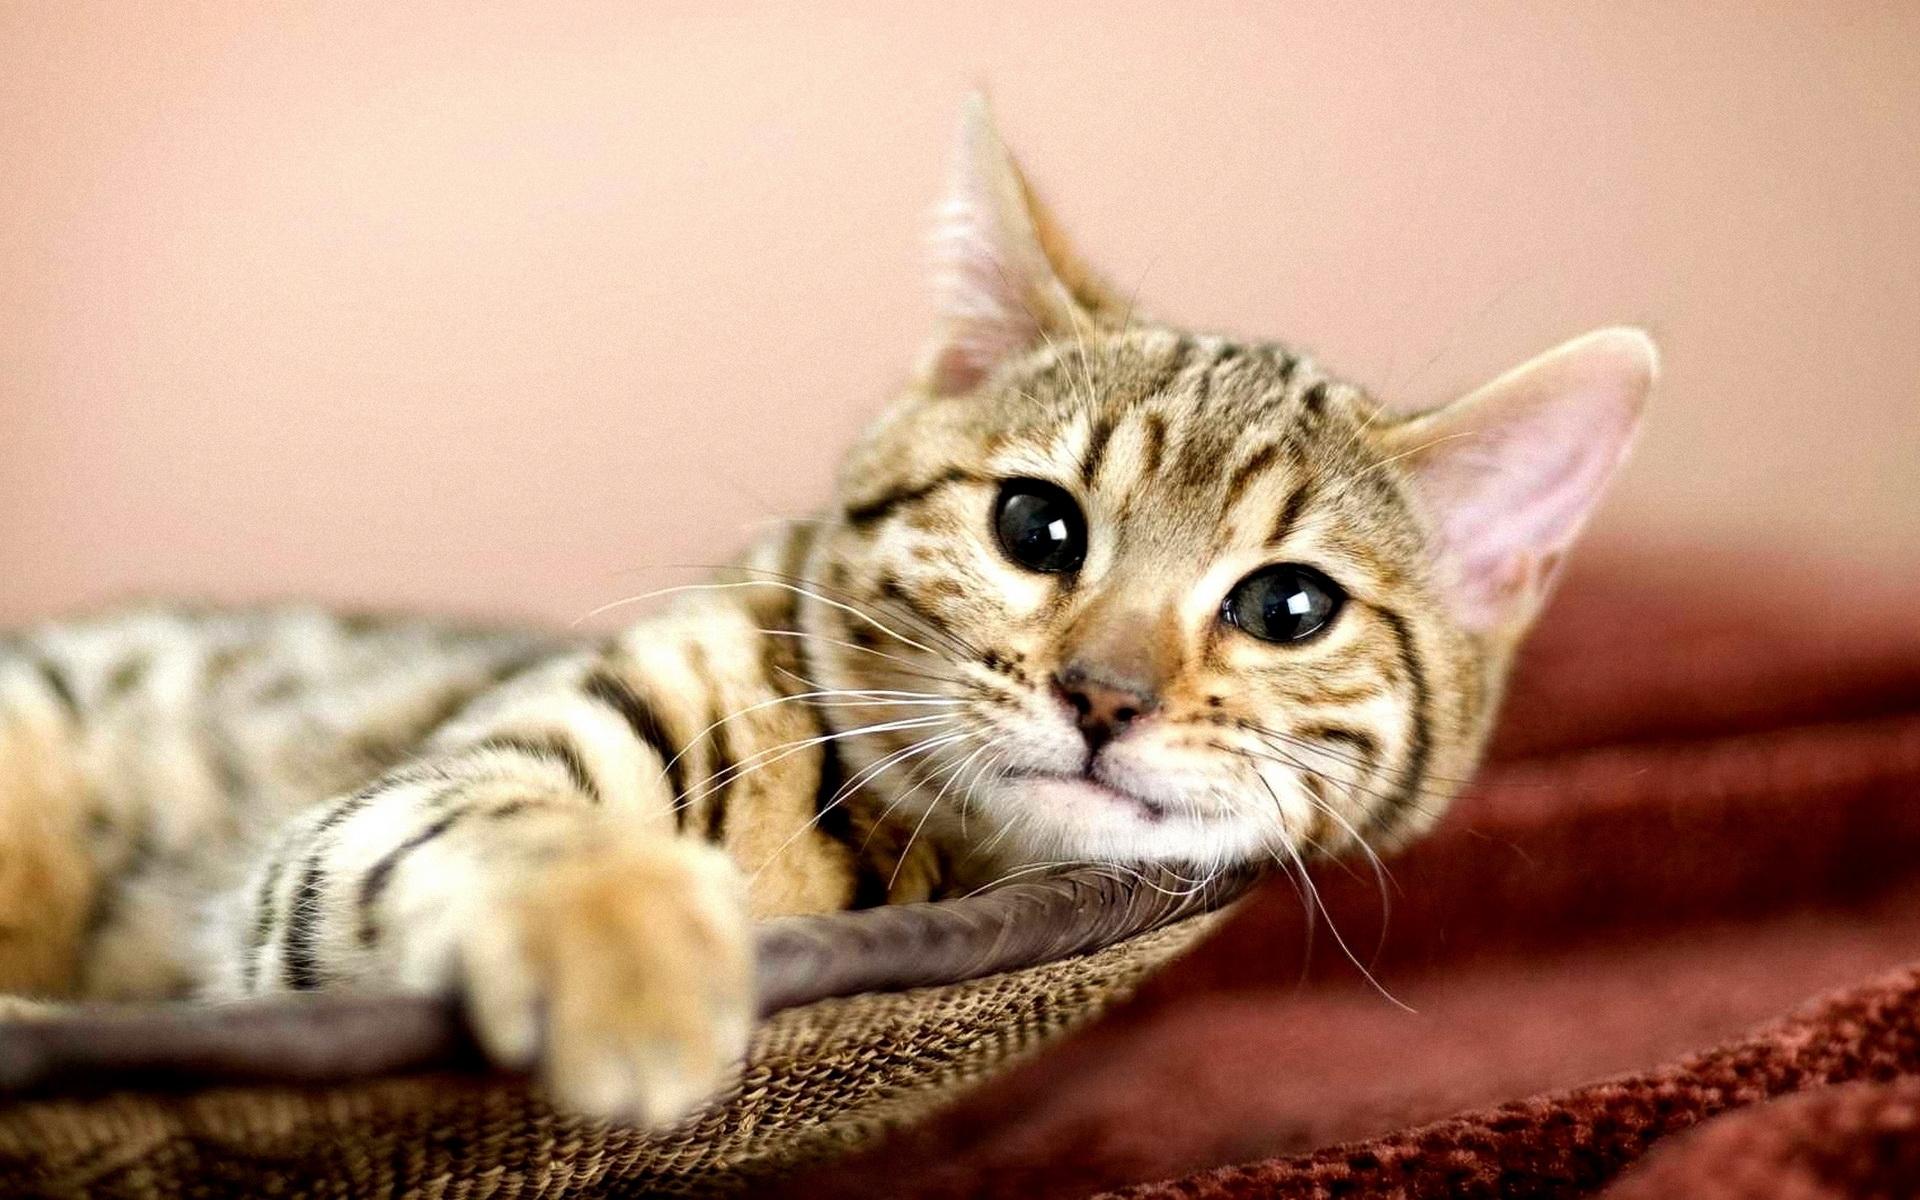 Cats In Basket Wallpaper Cat in a basket